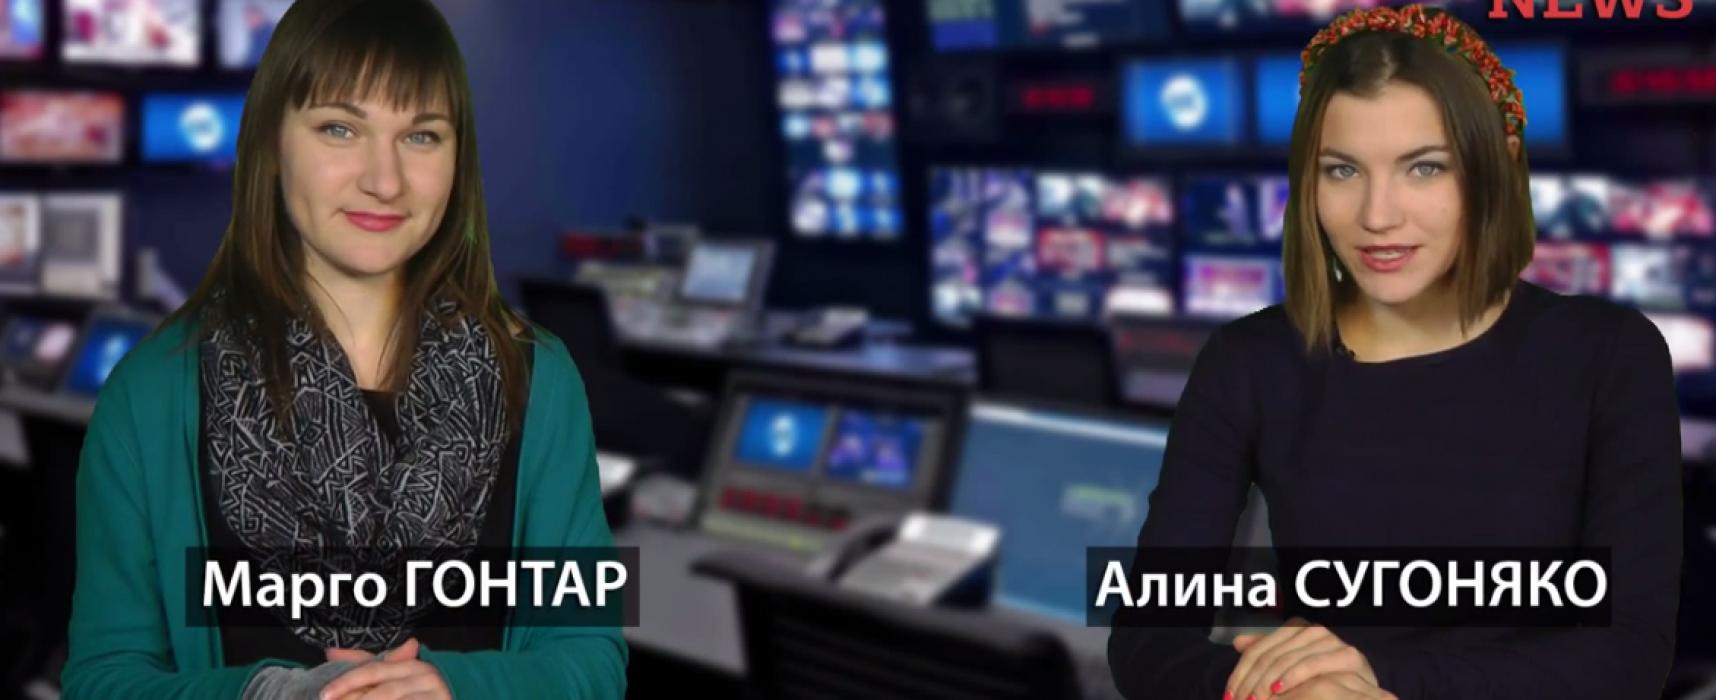 Недельный видеодайджест новостей от StopFake. Выпуск #36